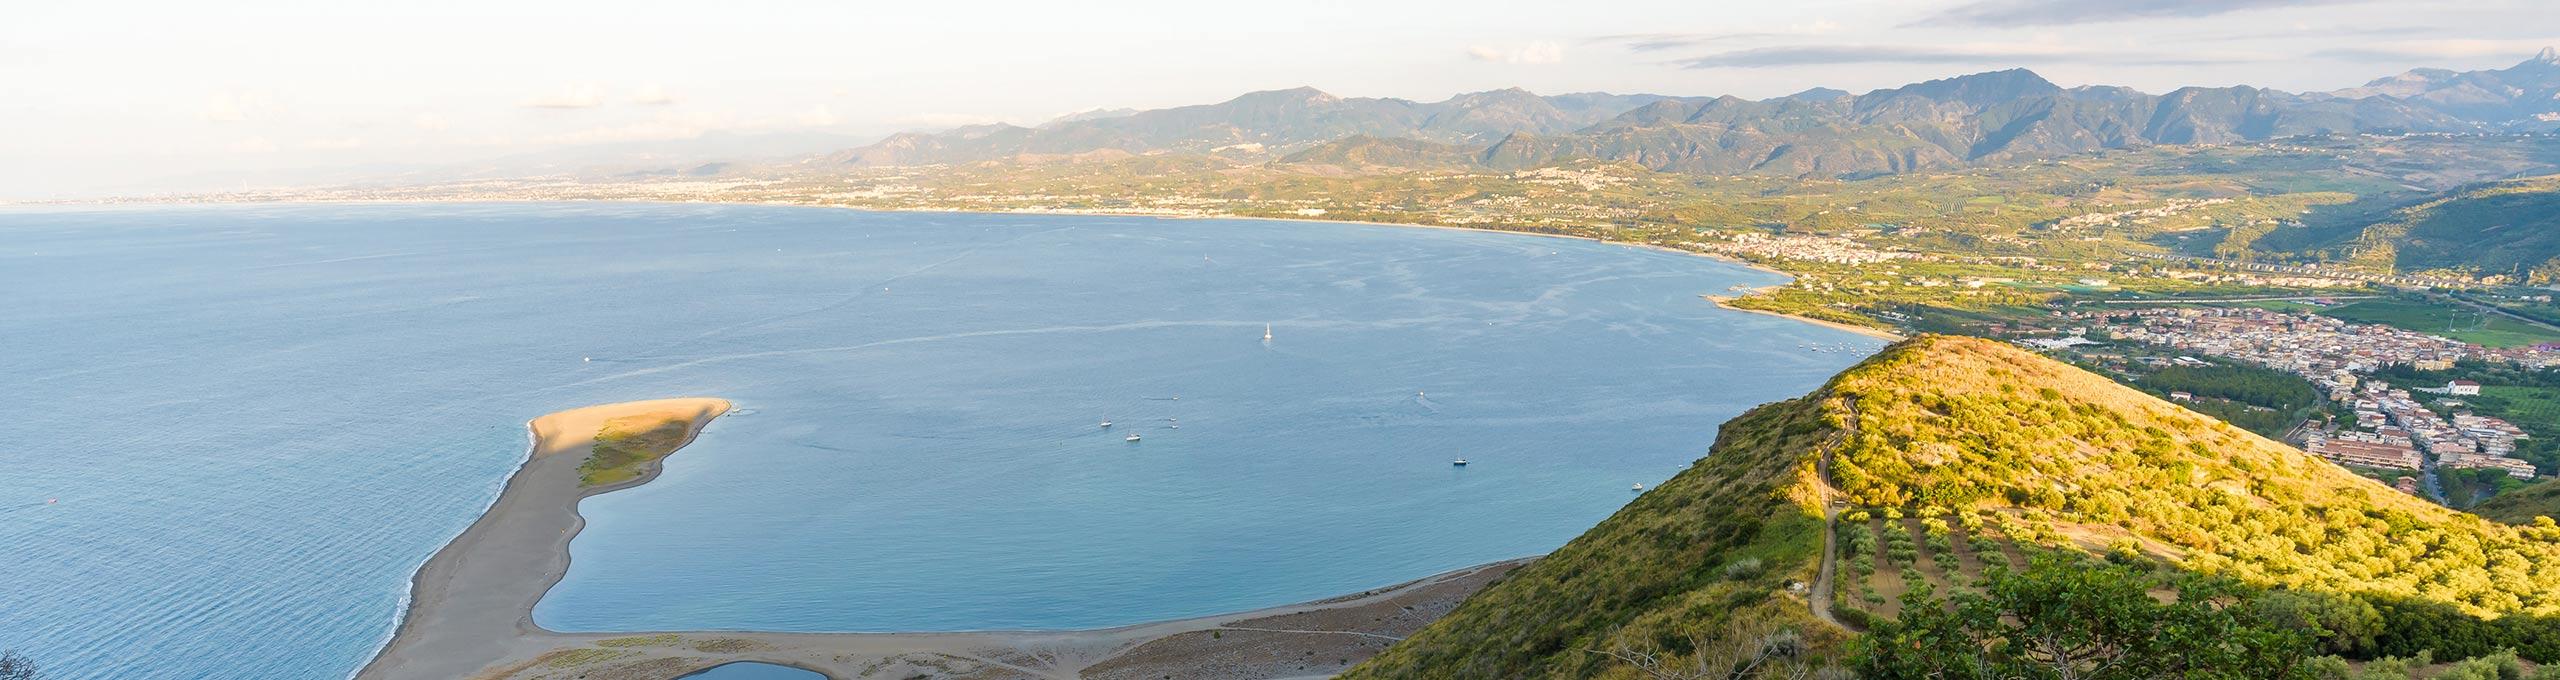 Golfo di Patti, Riserva Naturale Orientata Laghetti di Marinello